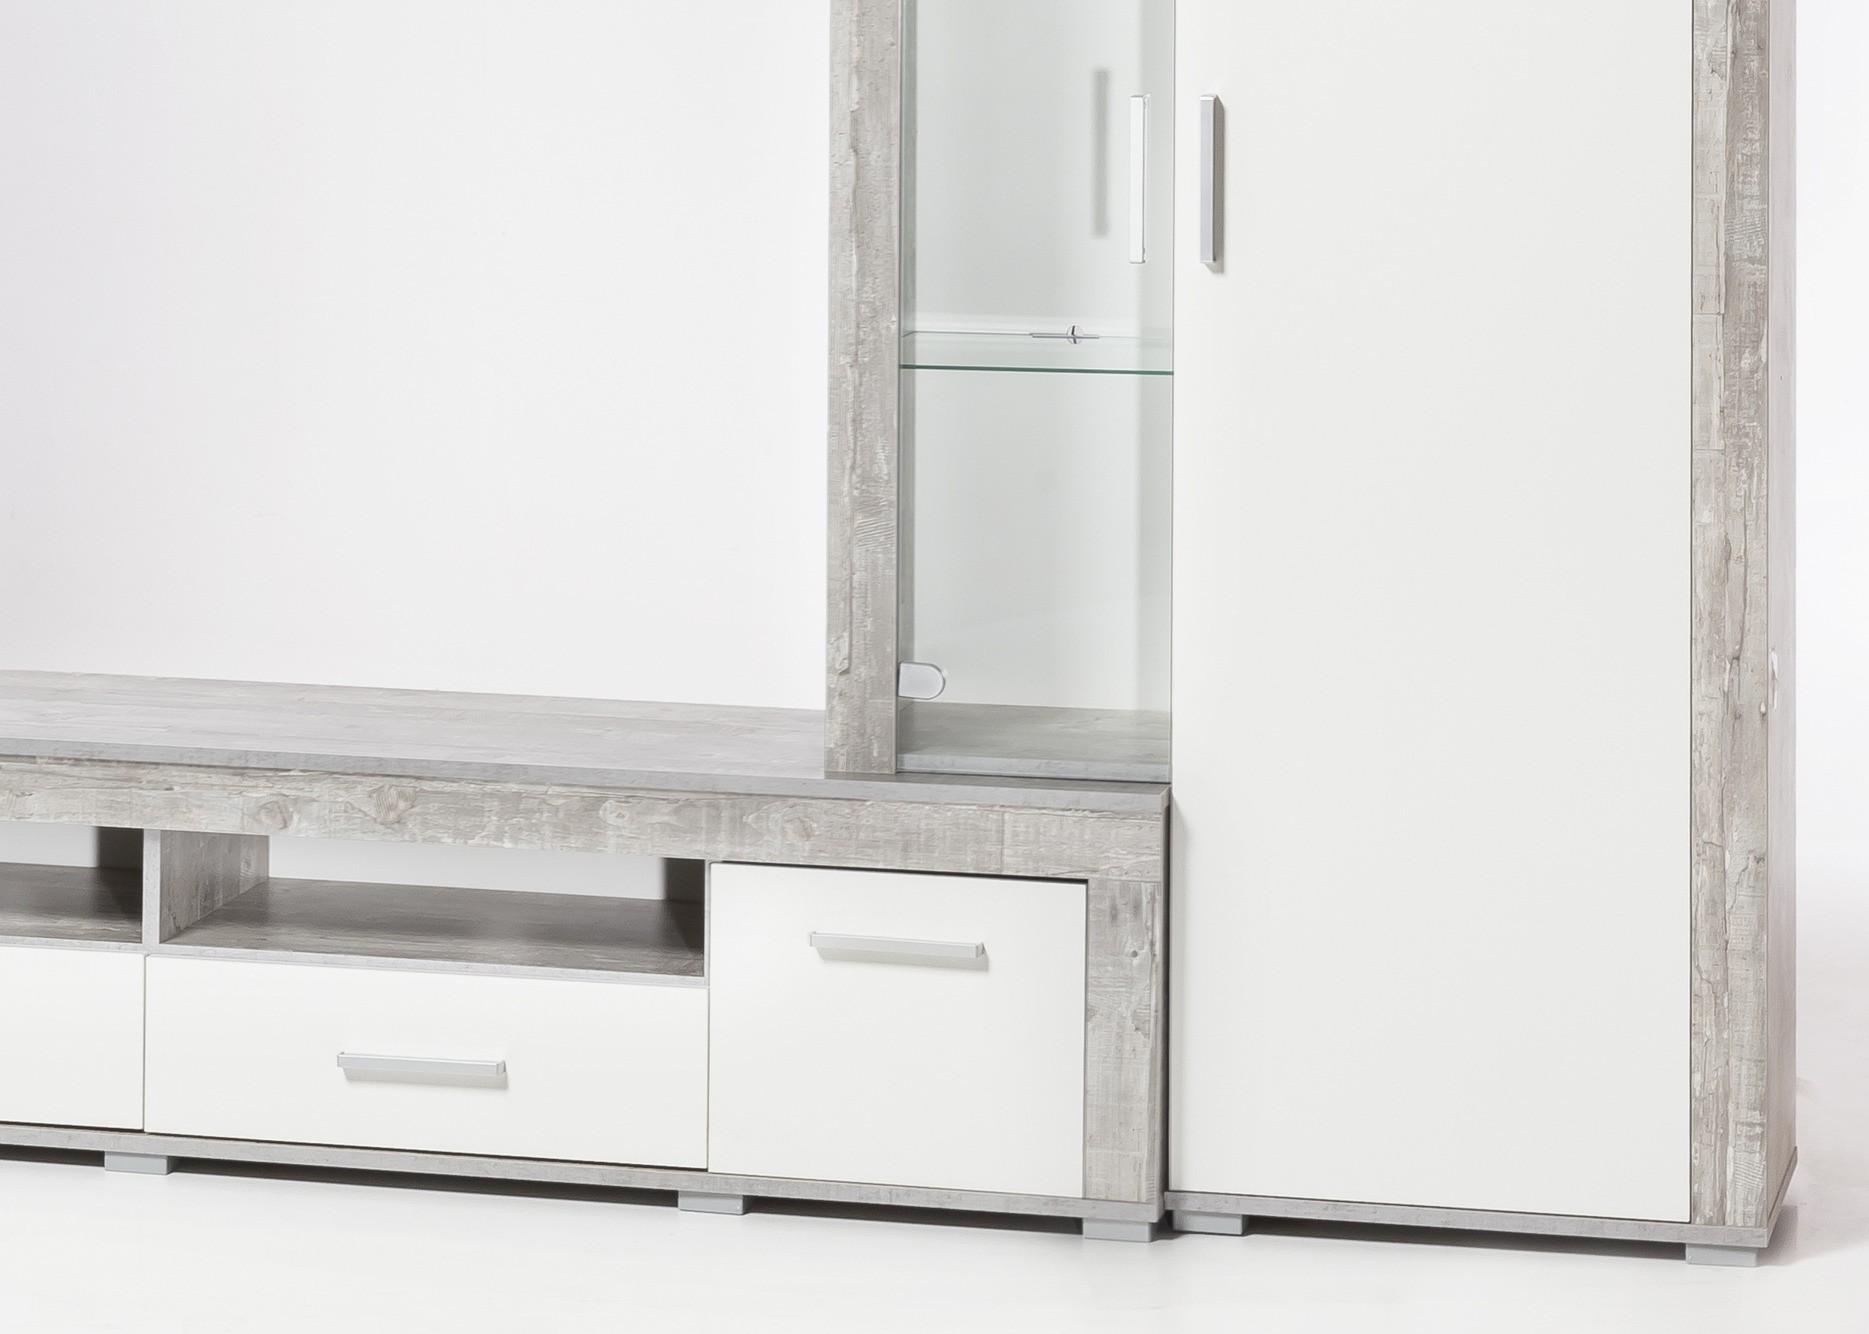 wohnwand malm 5 teilige schrankwand wohnzimmerschrank 280 cm beton grau ebay. Black Bedroom Furniture Sets. Home Design Ideas